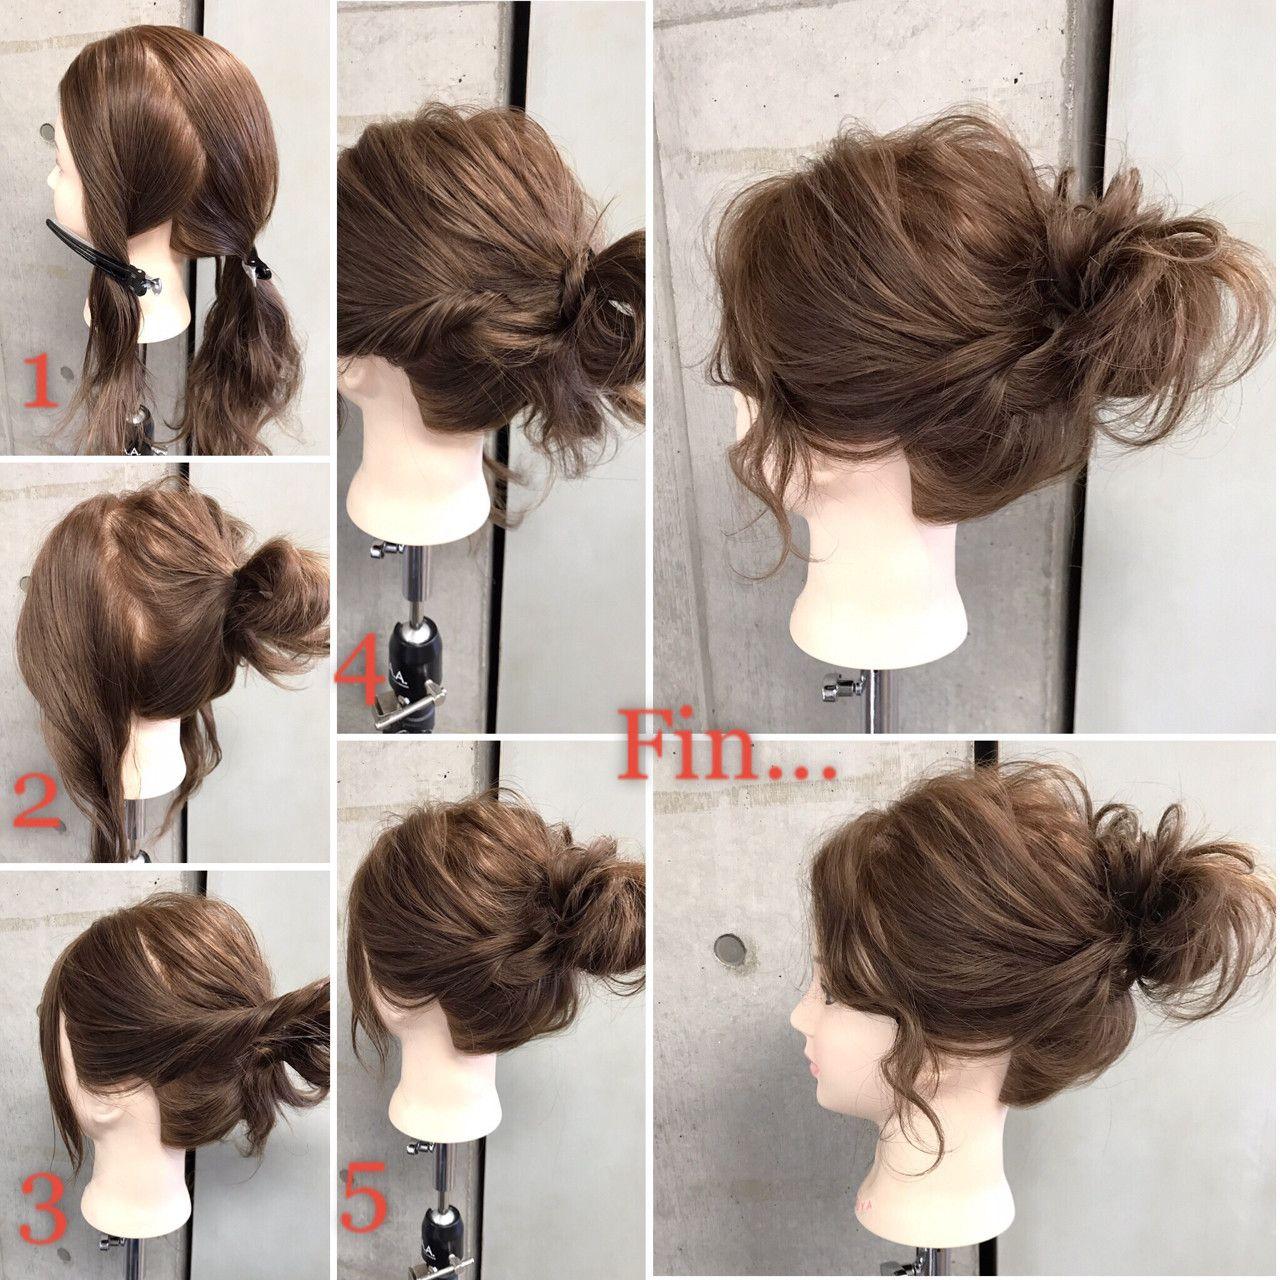 簡単で可愛い 自分でできるヘアアレンジ 春にピッタリのカジュアル